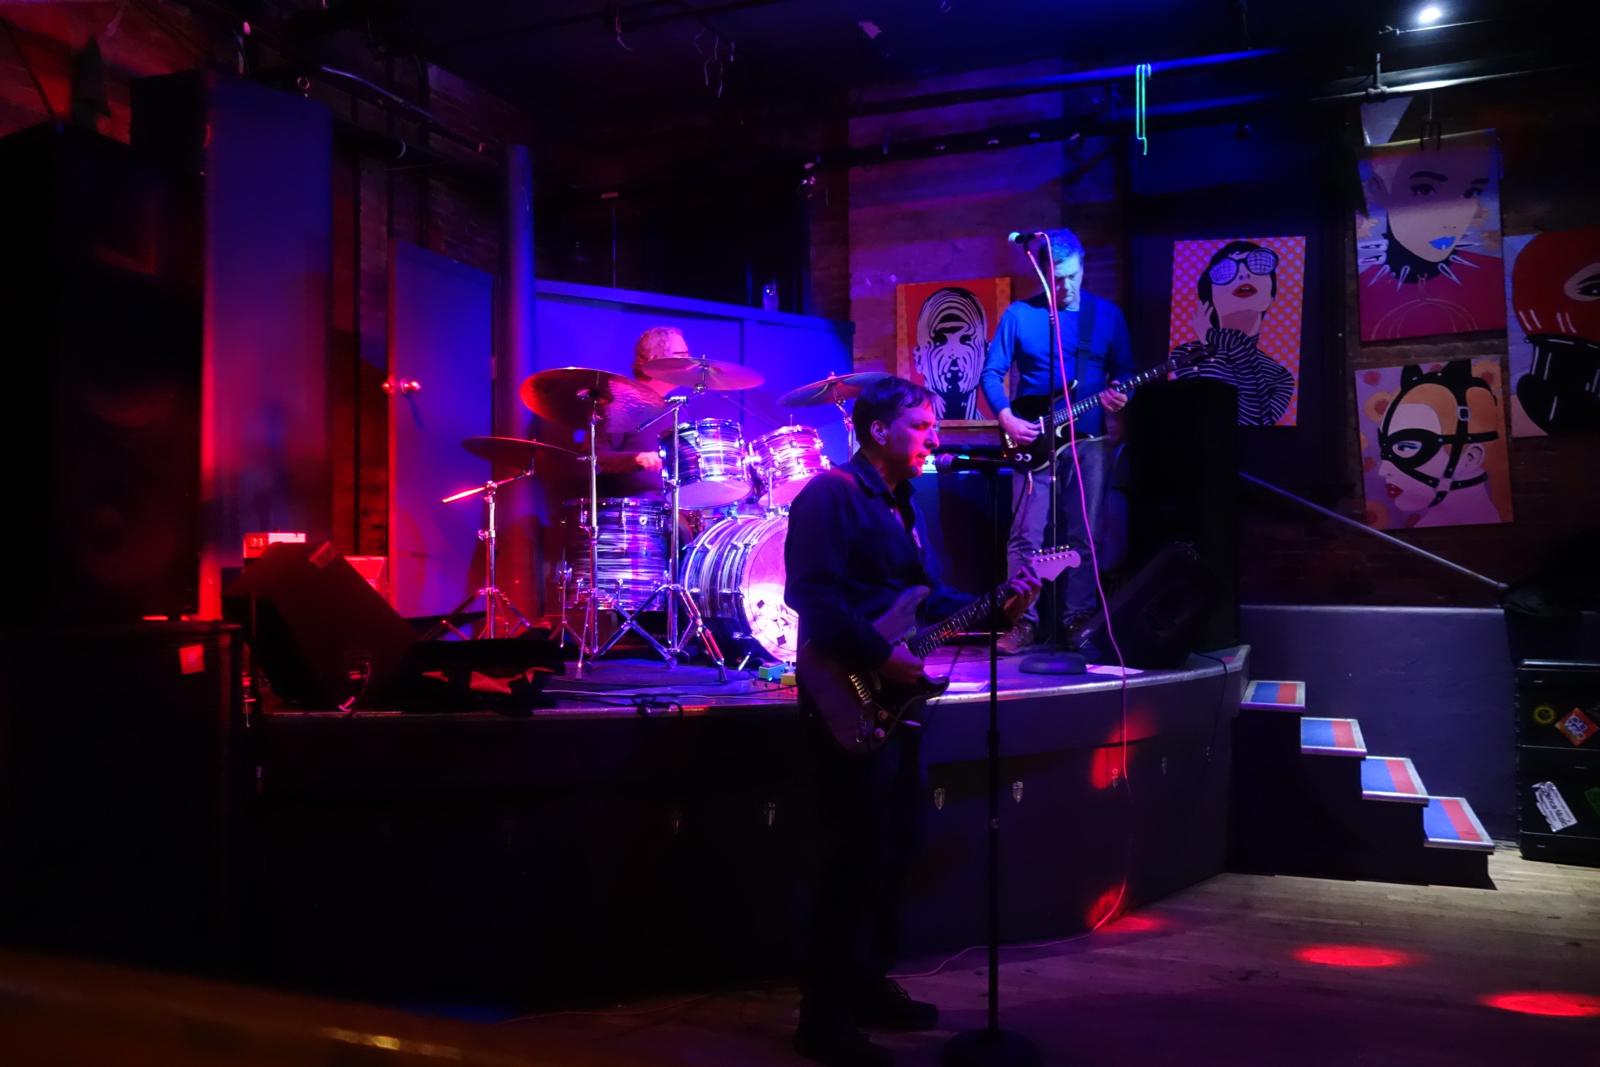 Nod performing at Skylark 02.07.20